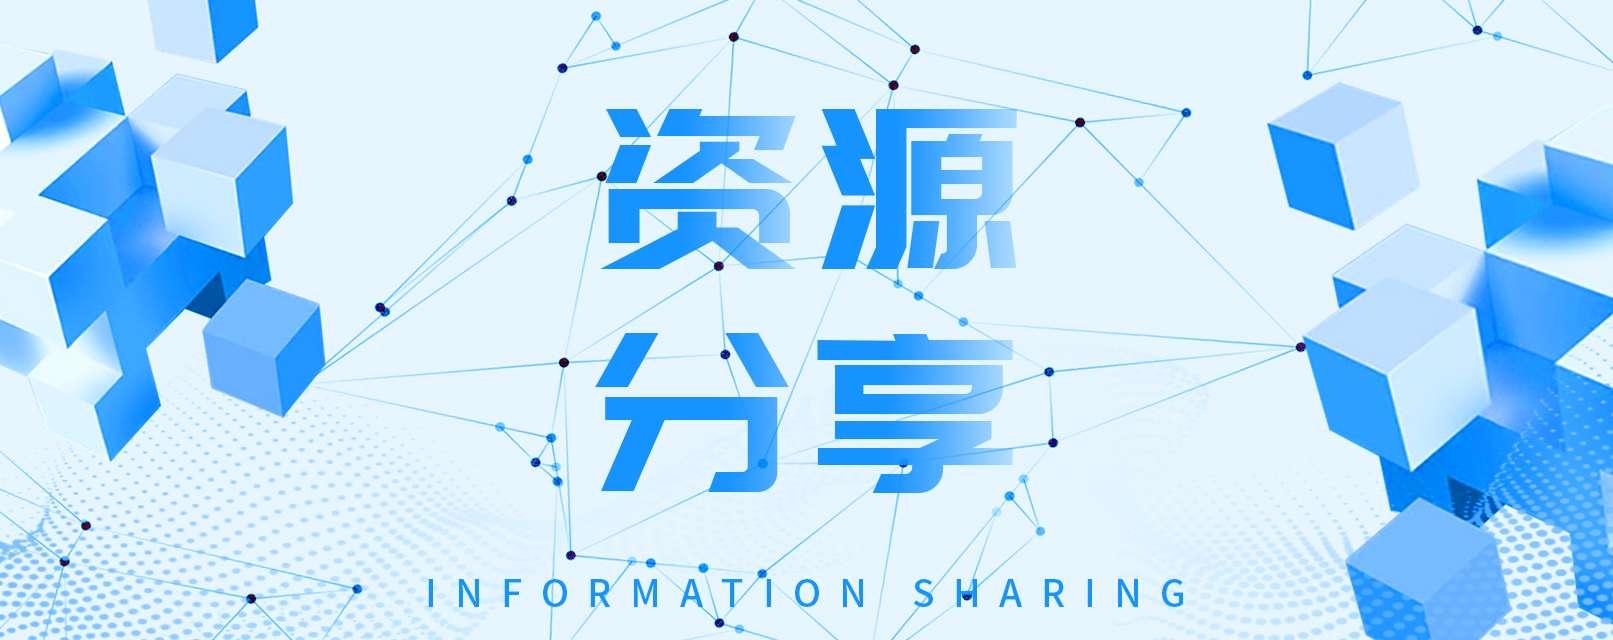 【资源分享】游戏加速大师/是一款专业手游网络优化工具APP